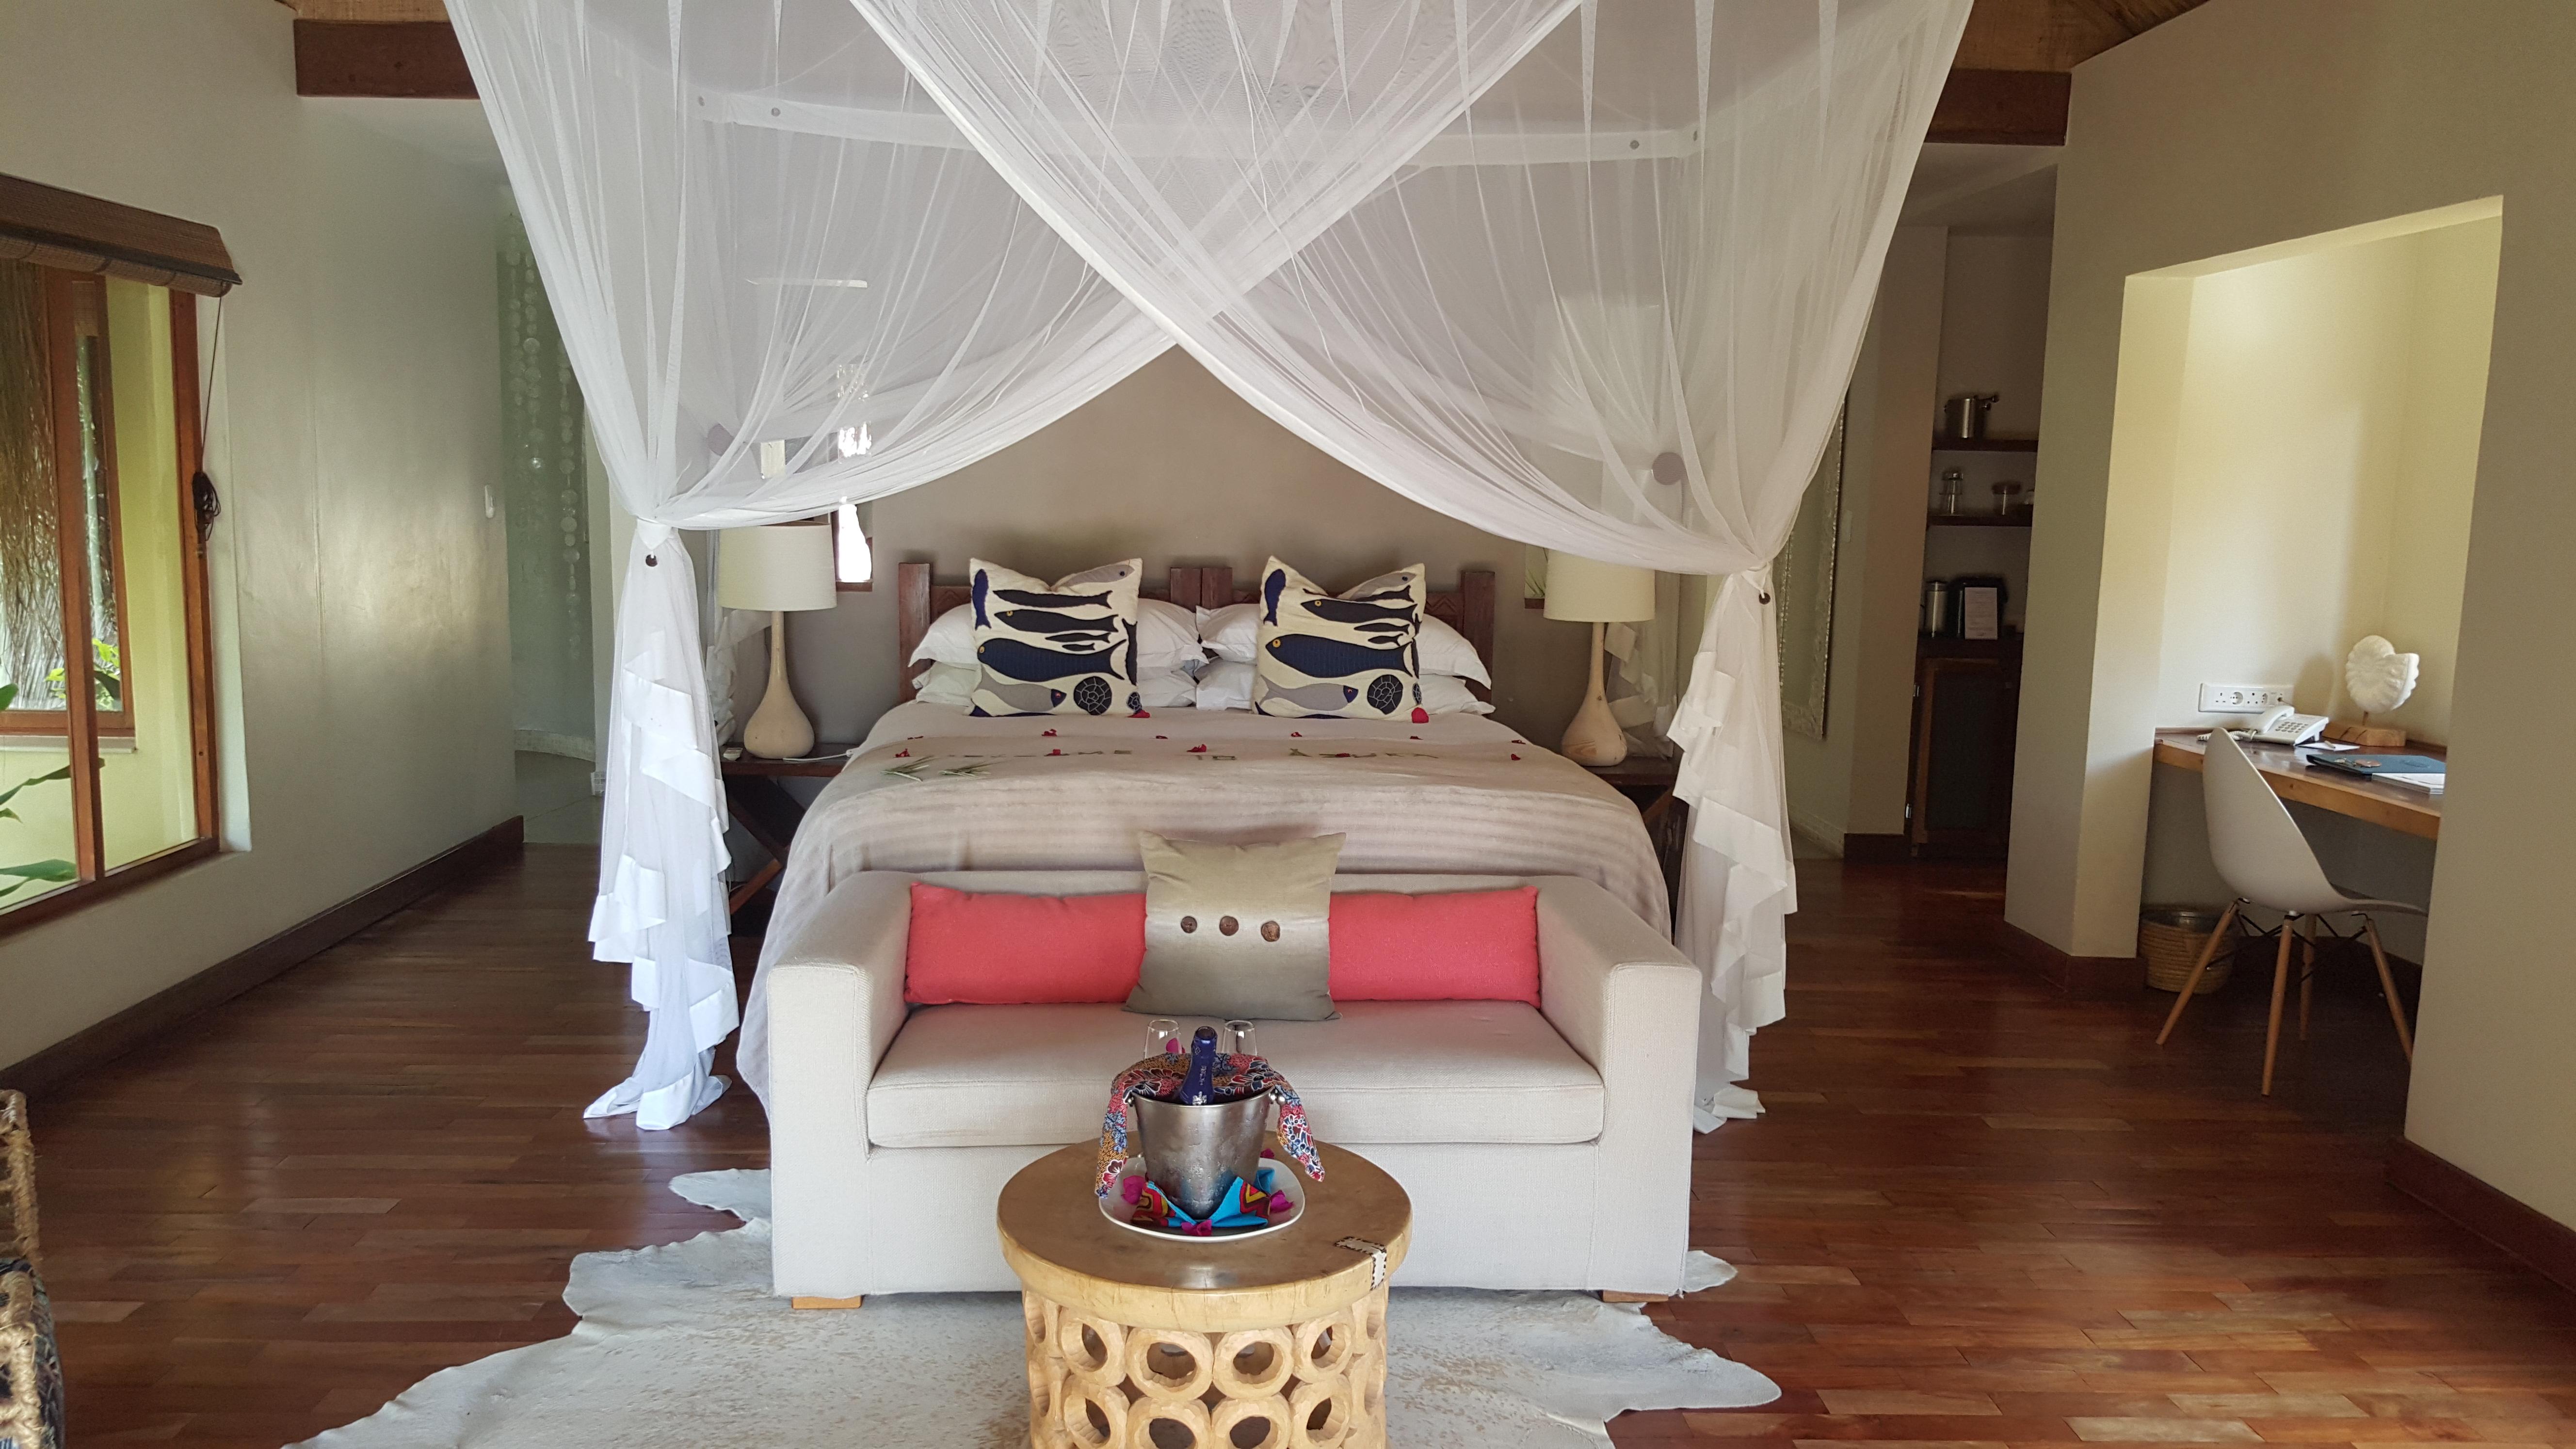 O aconchego da suíte, com cama king size forrada de lençóis de algodão egípcio